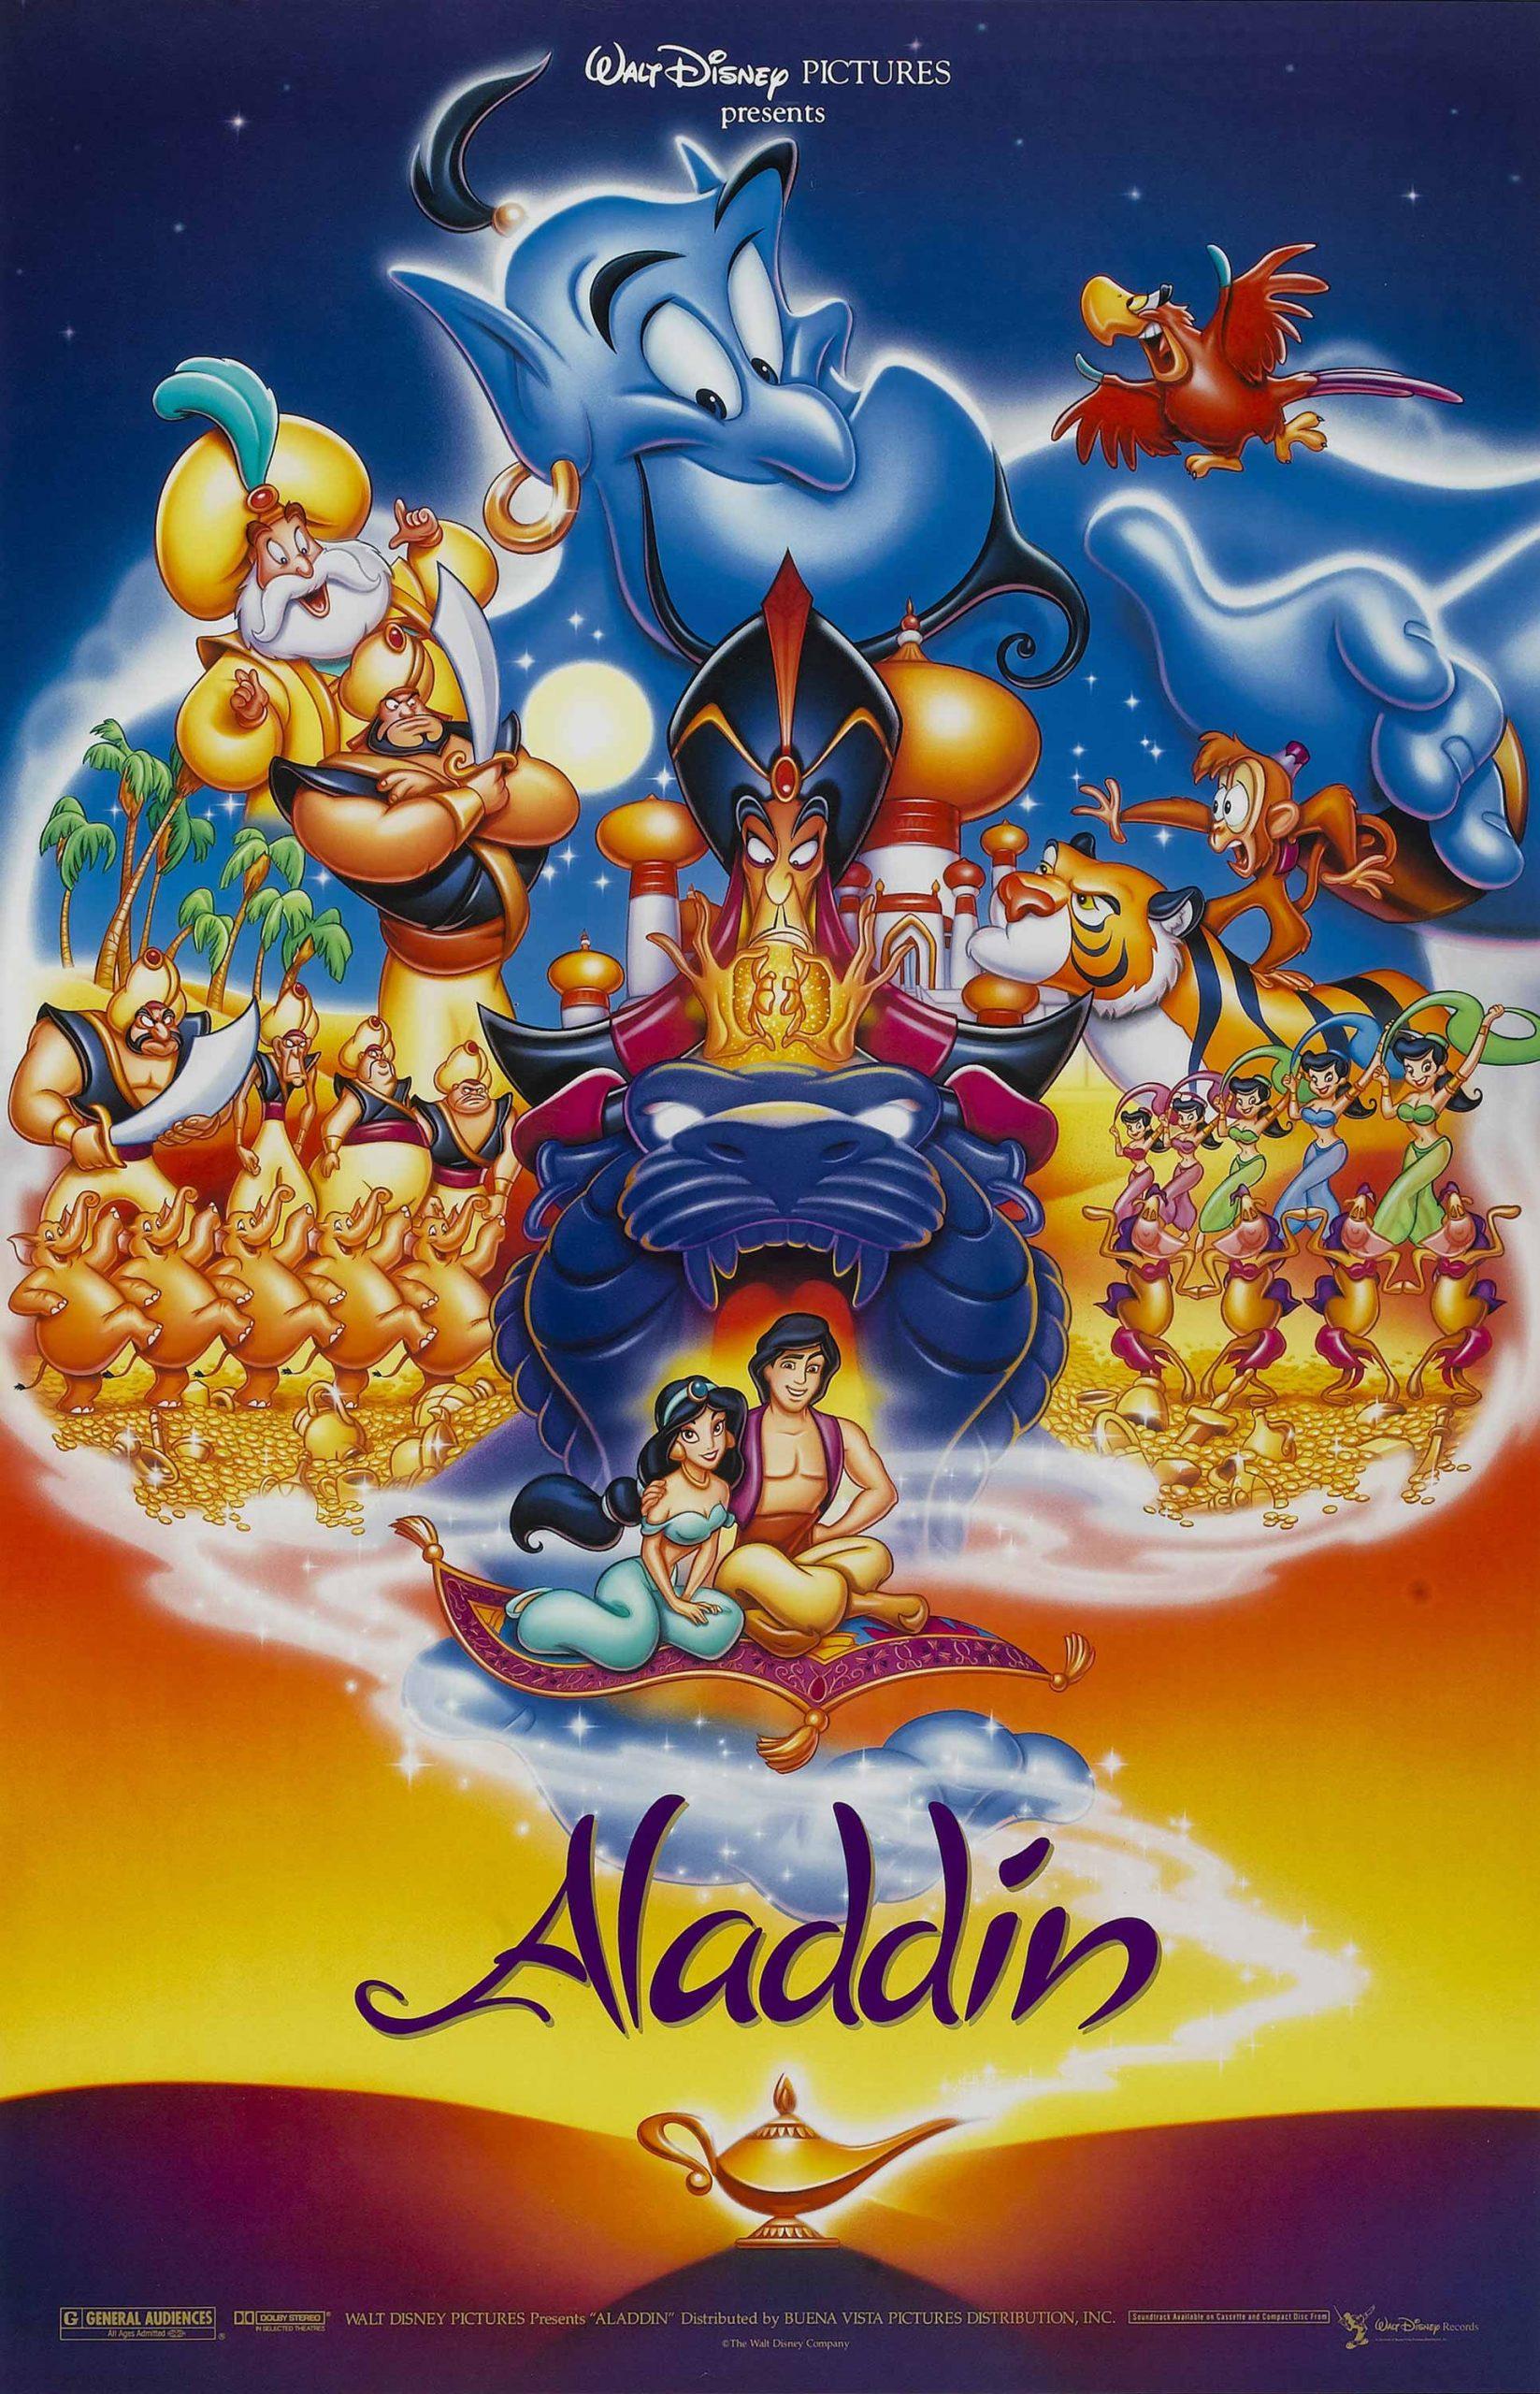 Aladdin (1992) | MouseMingle.com